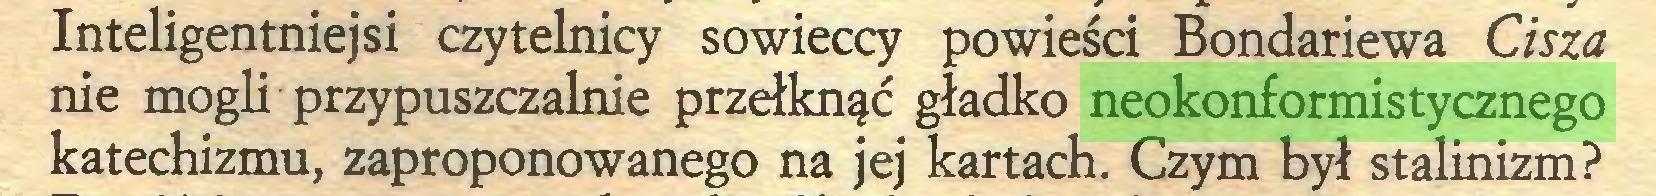 (...) Inteligentniejsi czytelnicy sowieccy powieści Bondariewa Cisza nie mogli przypuszczalnie przełknąć gładko neokonformistycznego katechizmu, zaproponowanego na jej kartach. Czym był stalinizm?...